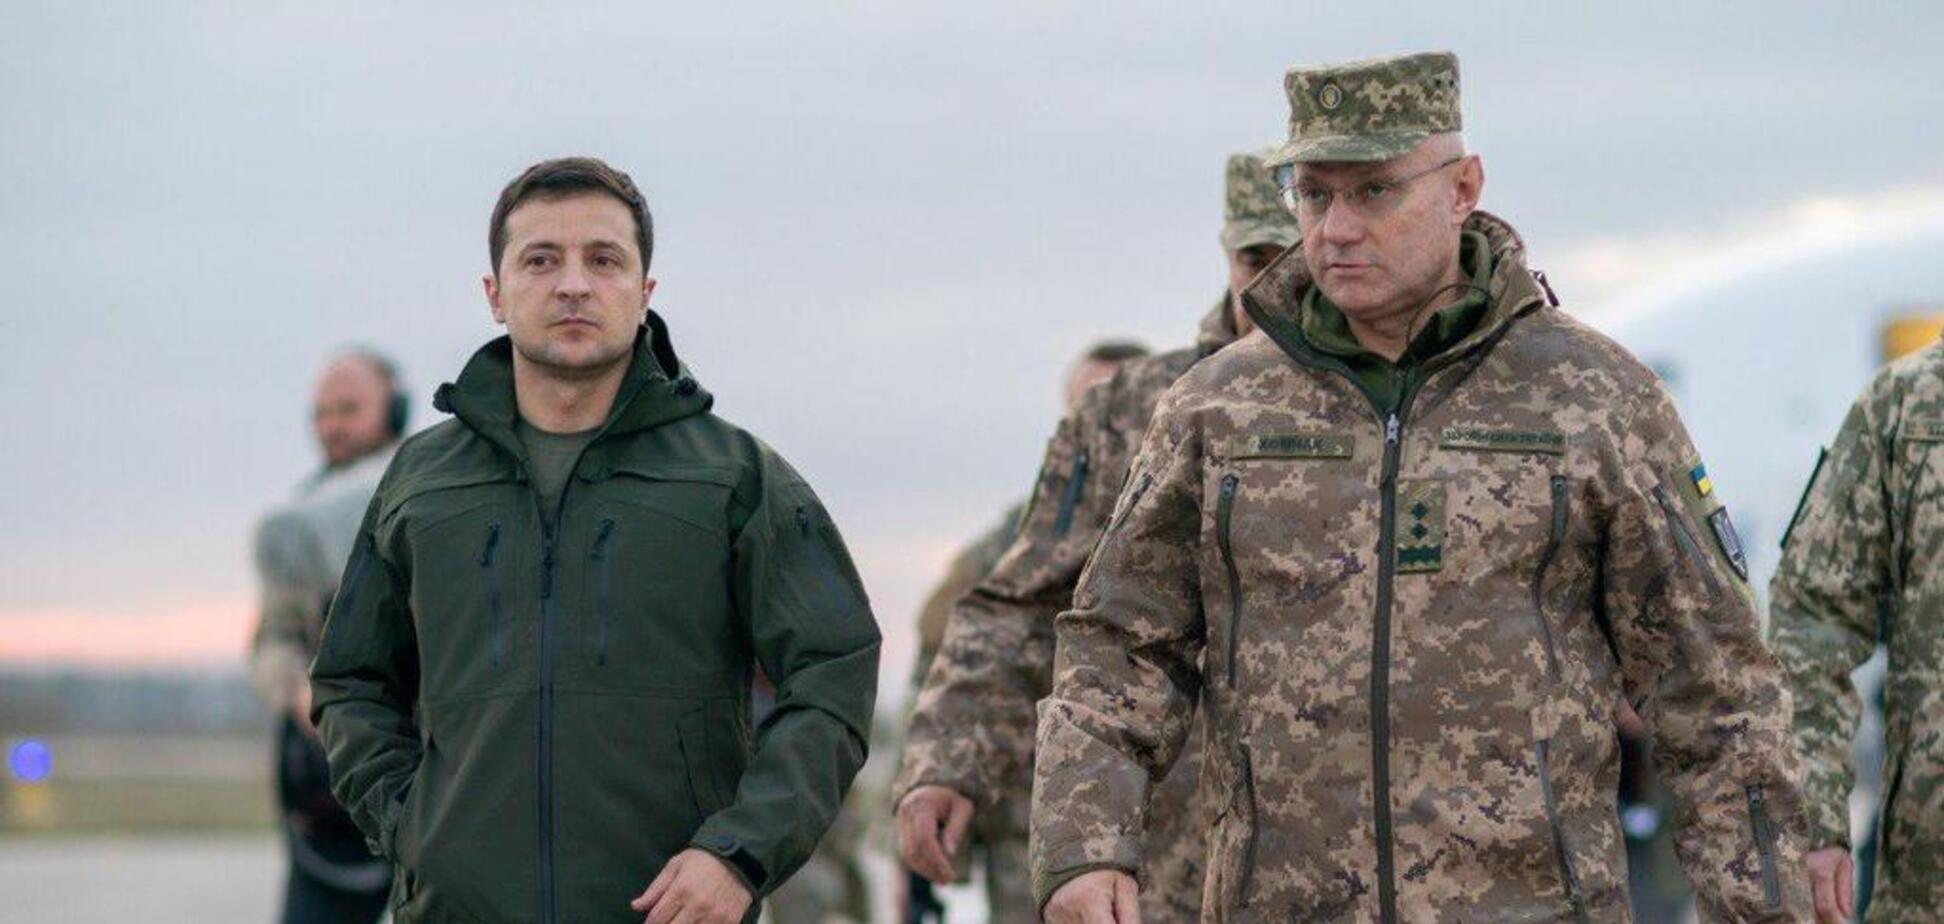 'Україна знову буде єдиною!' Зеленський зробив гучну заяву після візиту на Донбас. Фотозвіт